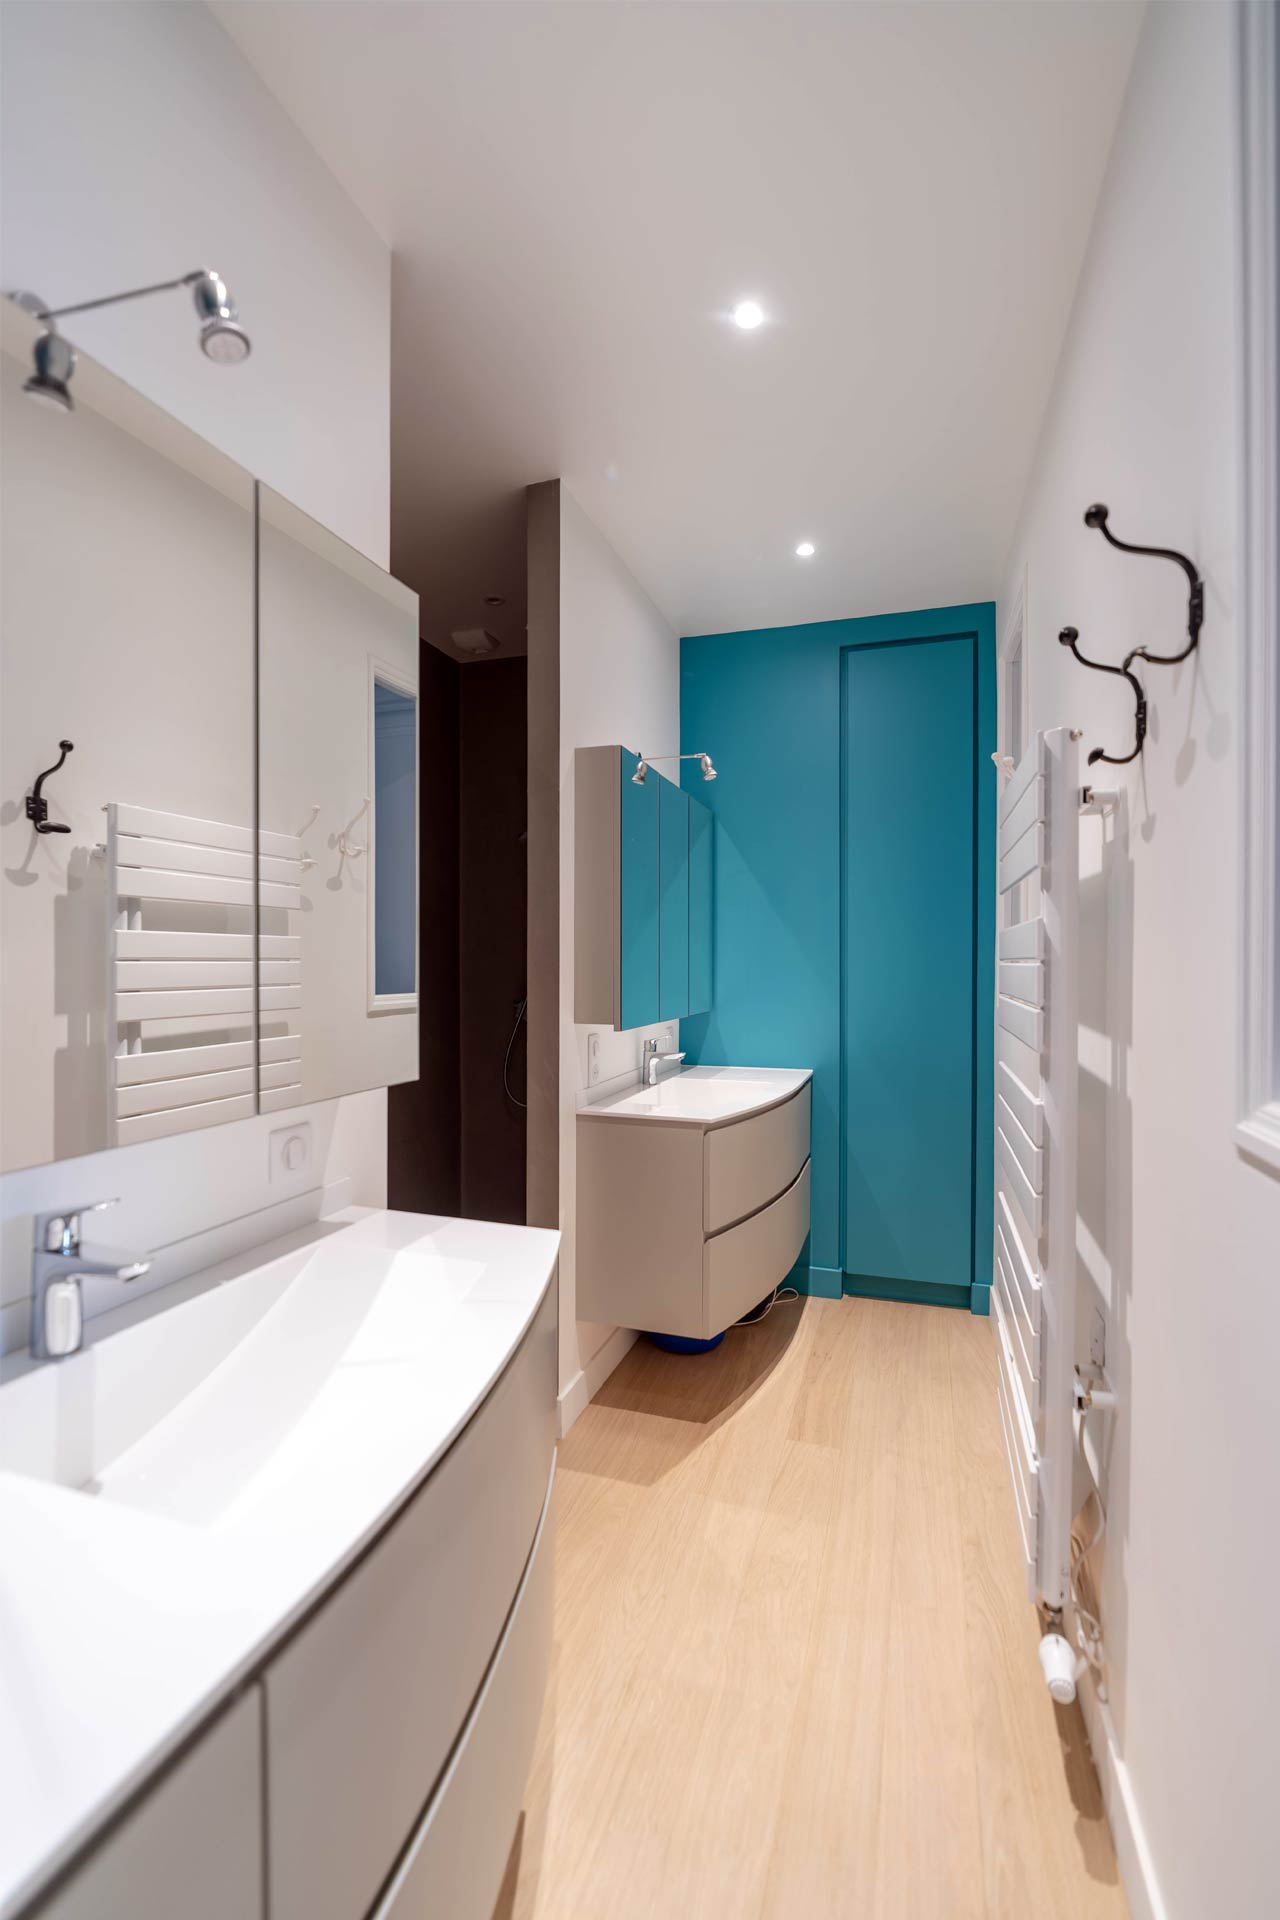 Salle d'eau - meubles sur-mesure - Nantes 44 - © Germain Durand